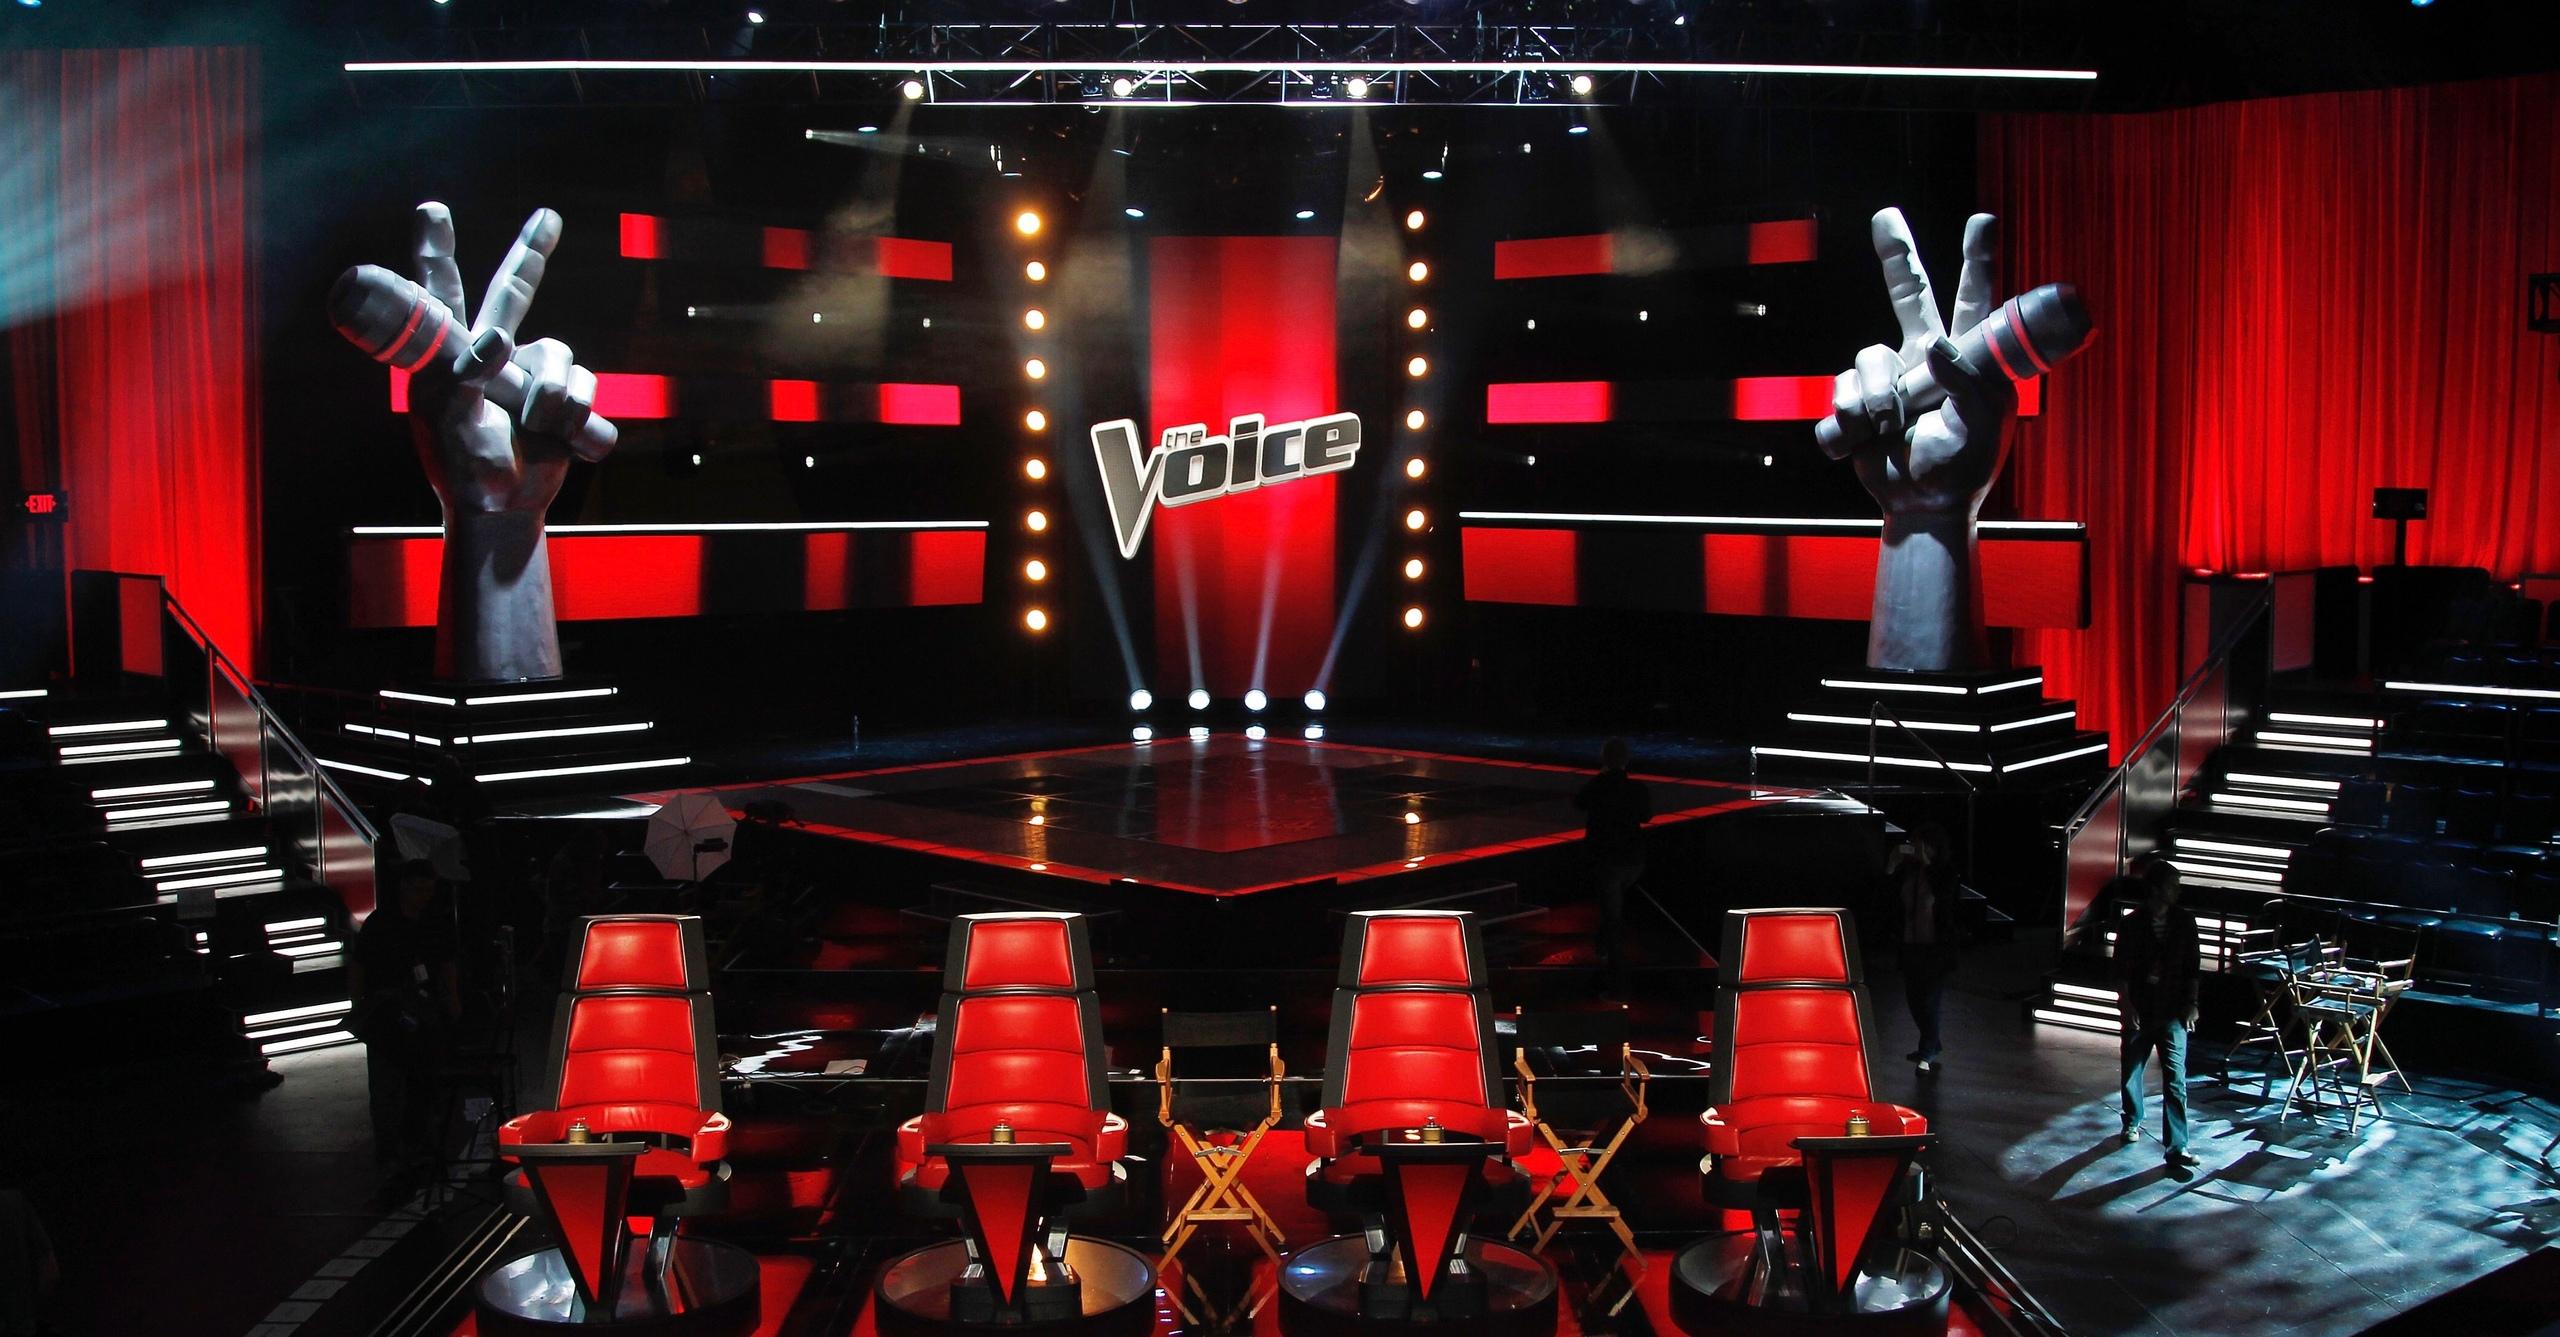 Новый сезон шоу Голос 2018 Россия на Первом когда дата выхода, состав: кто наставники и участники